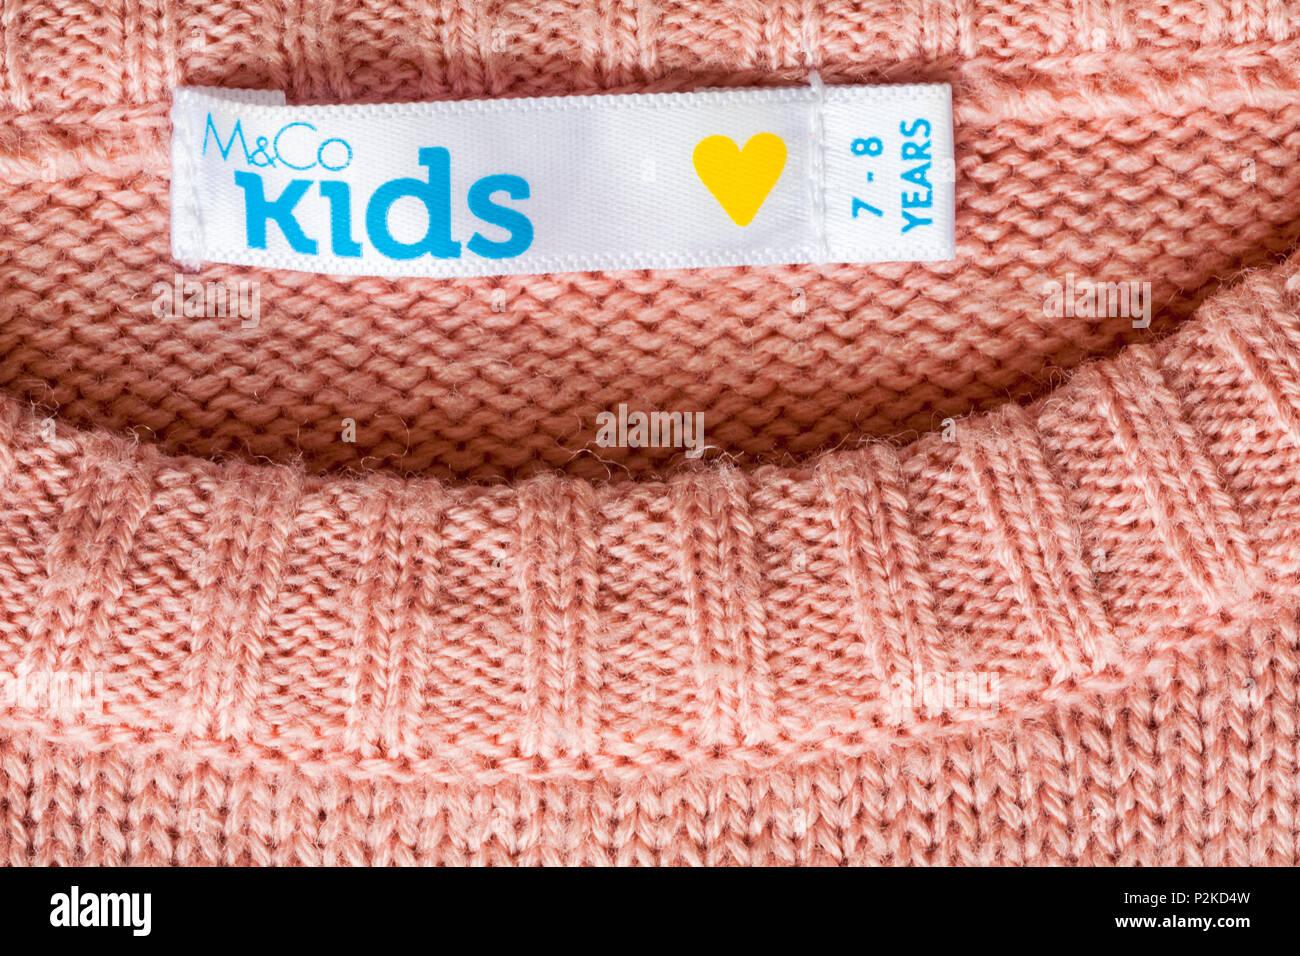 Etichetta in M&Co i ragazzi ragazze jumper per 7-8 anni Immagini Stock